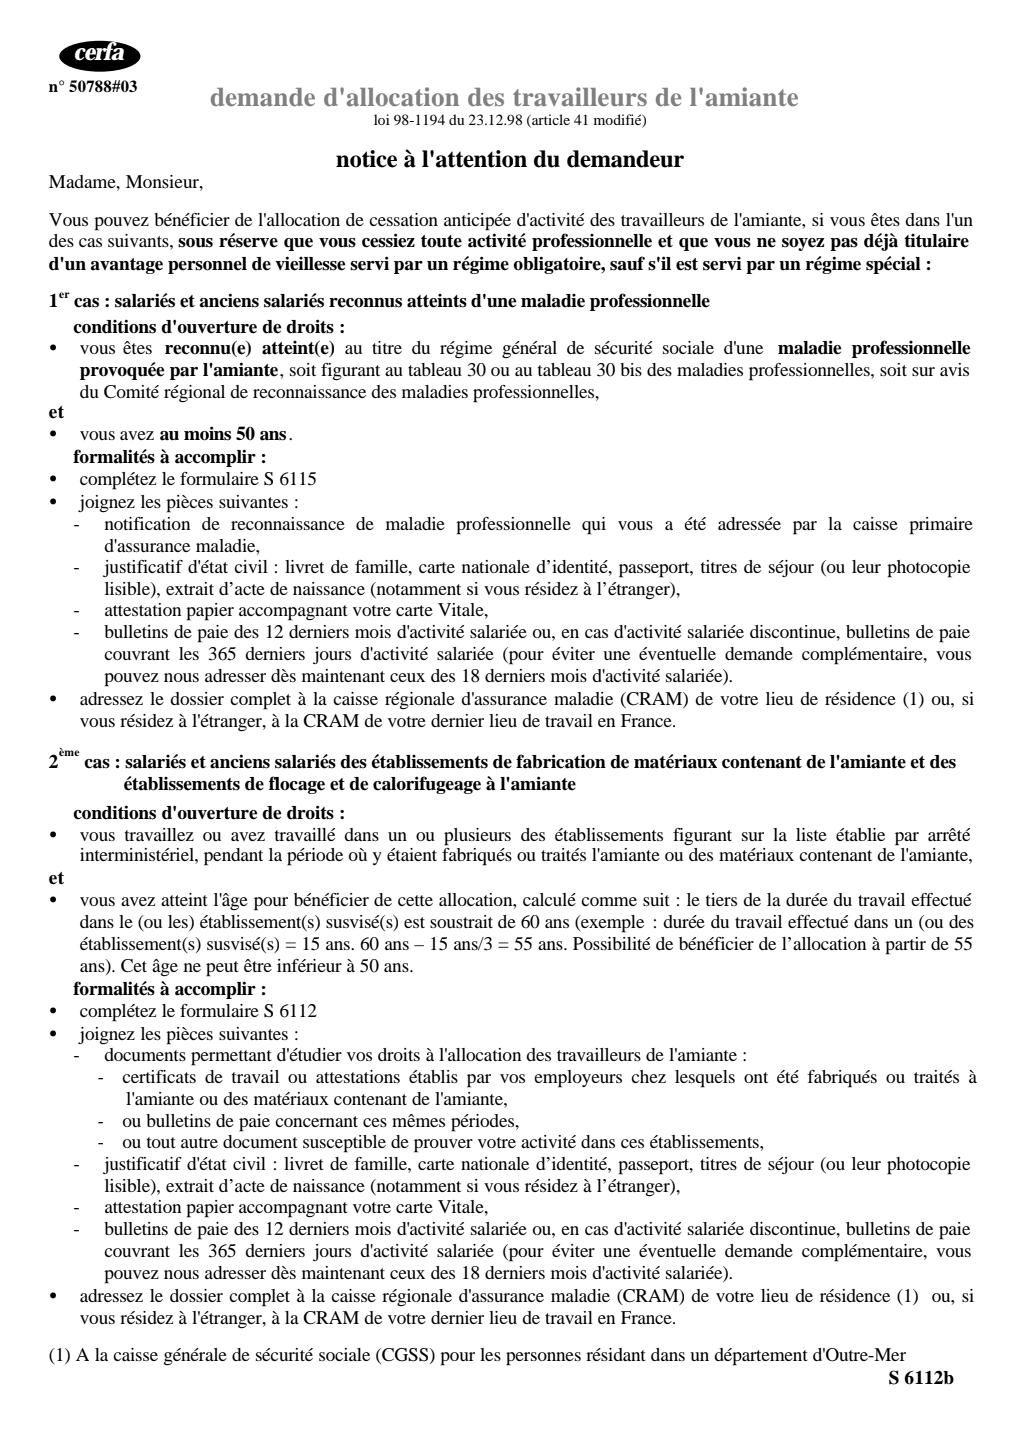 Formulaire_11687*02 : Demande d'allocation des salariés et anciens salariés des établissements de fabrication ou de traitement de l'amiante